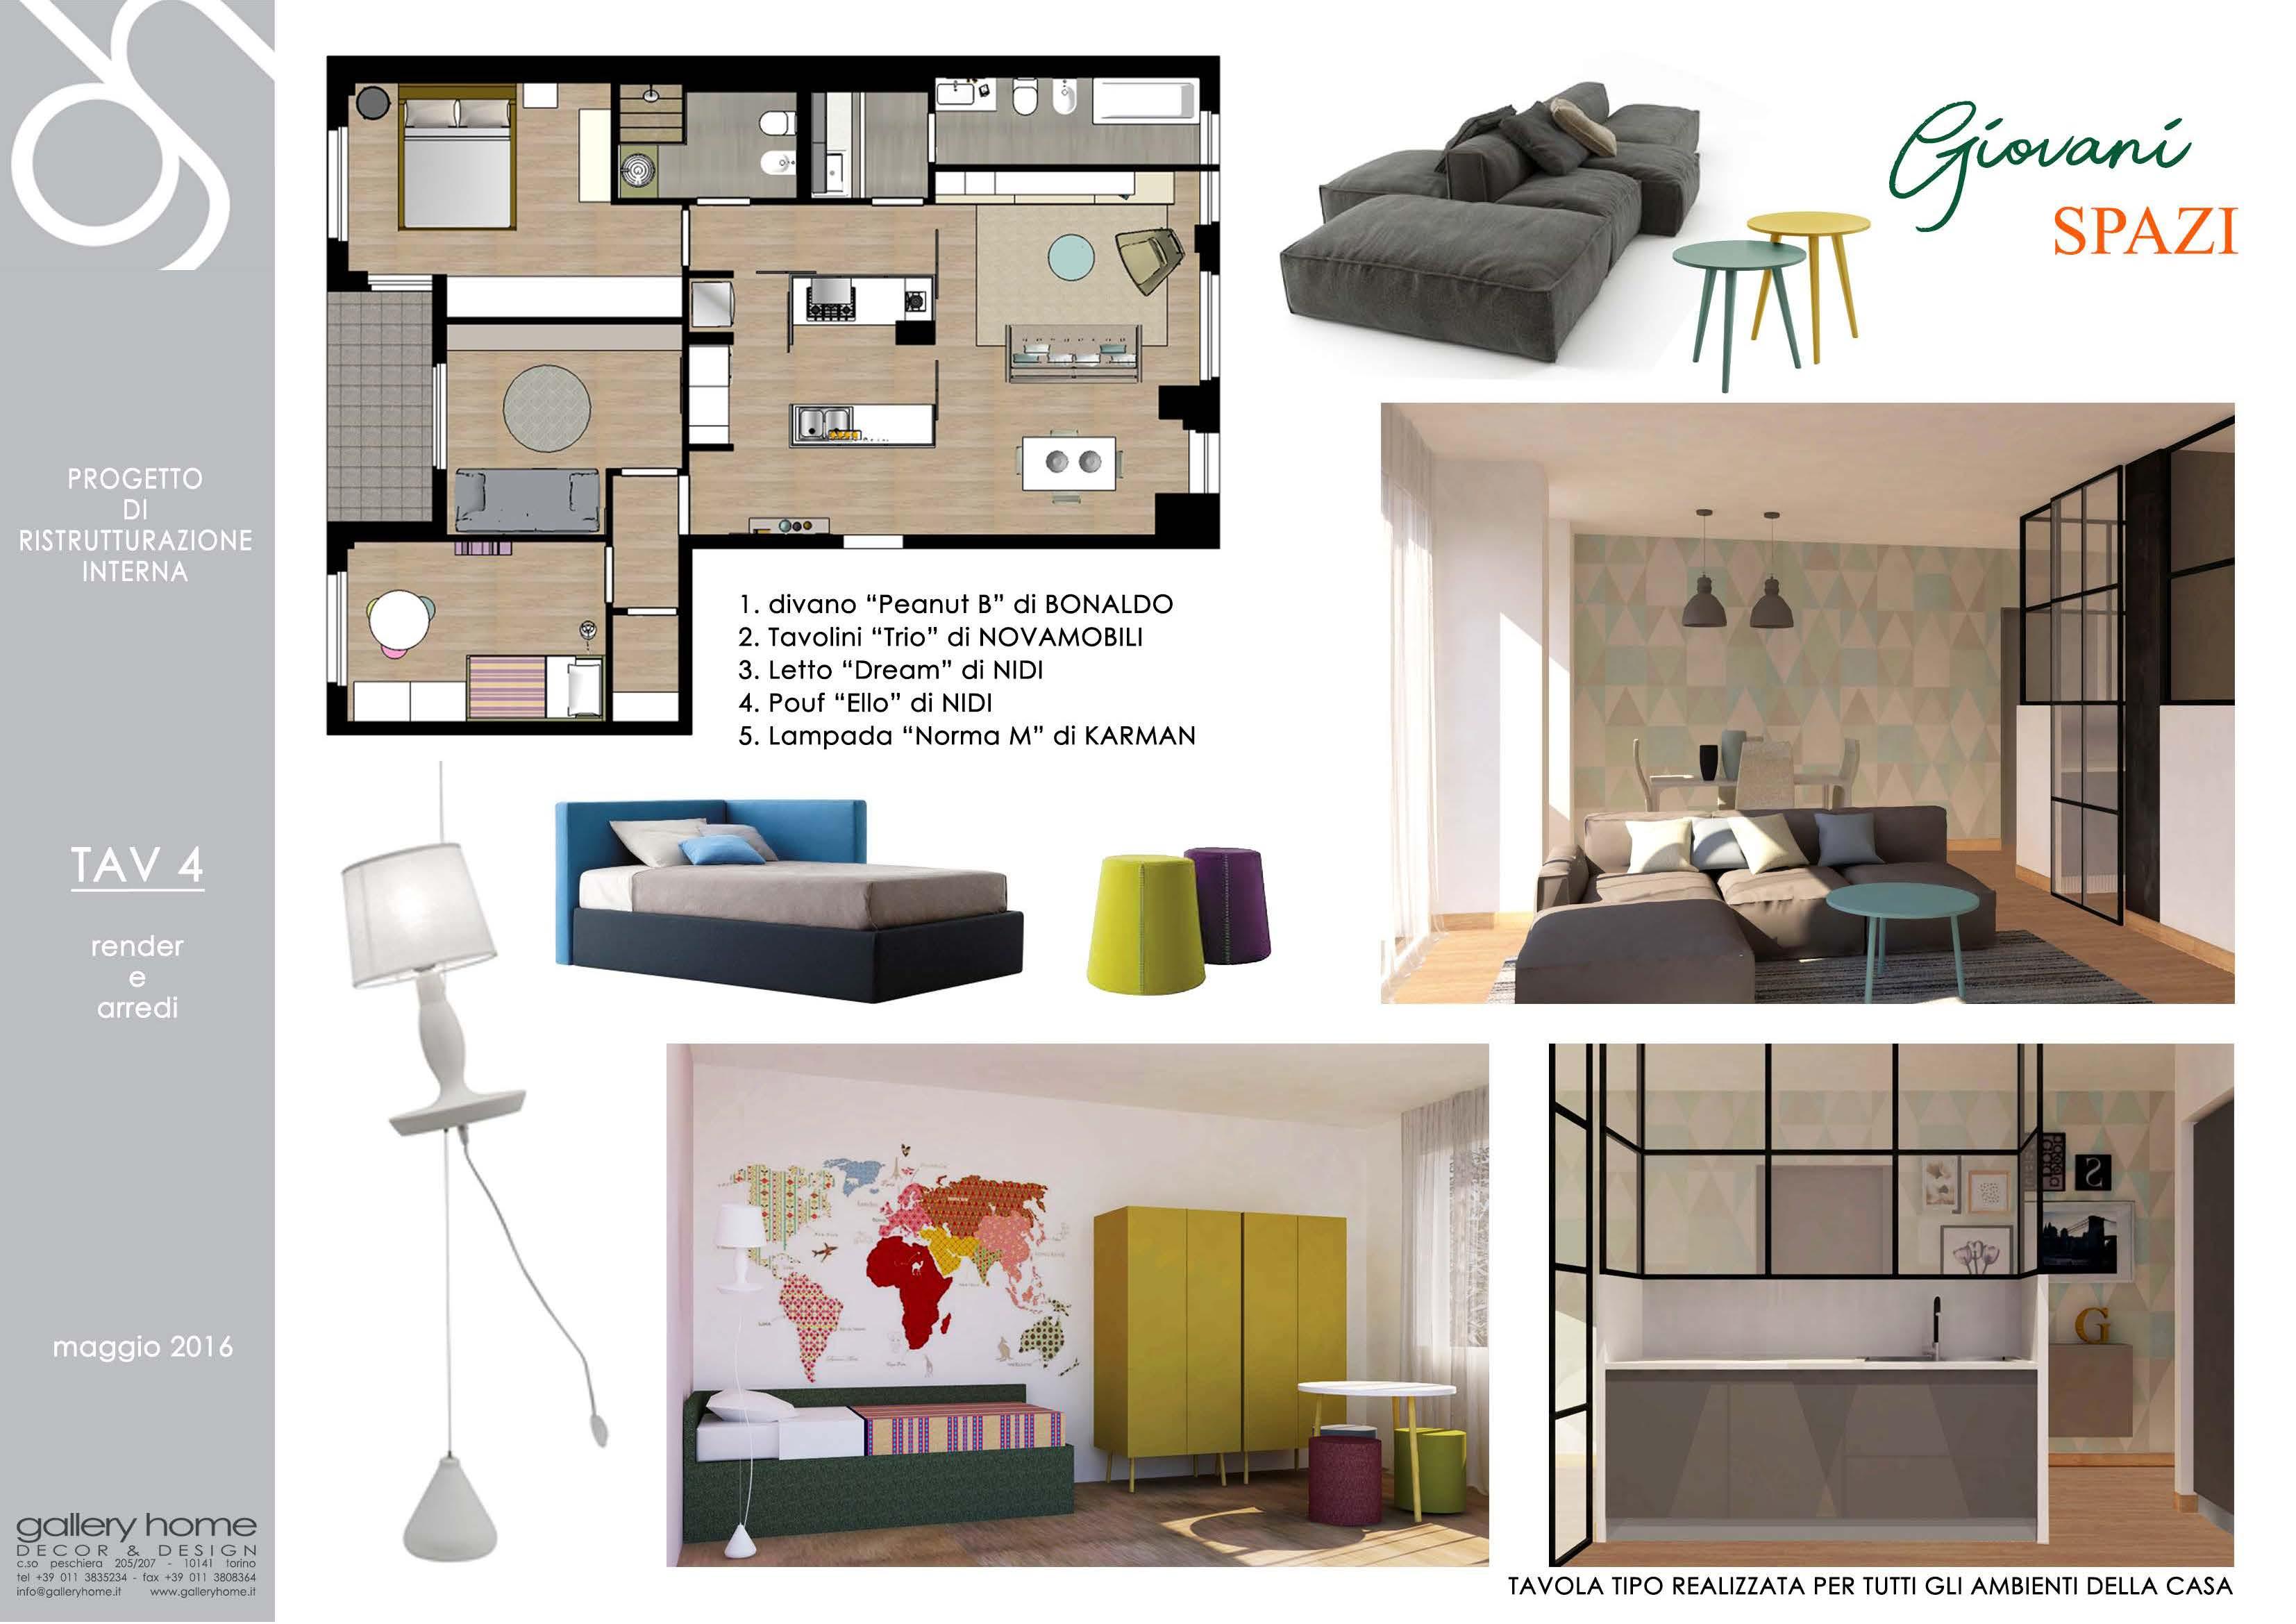 Stili Di Arredamento Interni.Progettazione Interni Torino Rinnovare Casa In Stile Nordico E